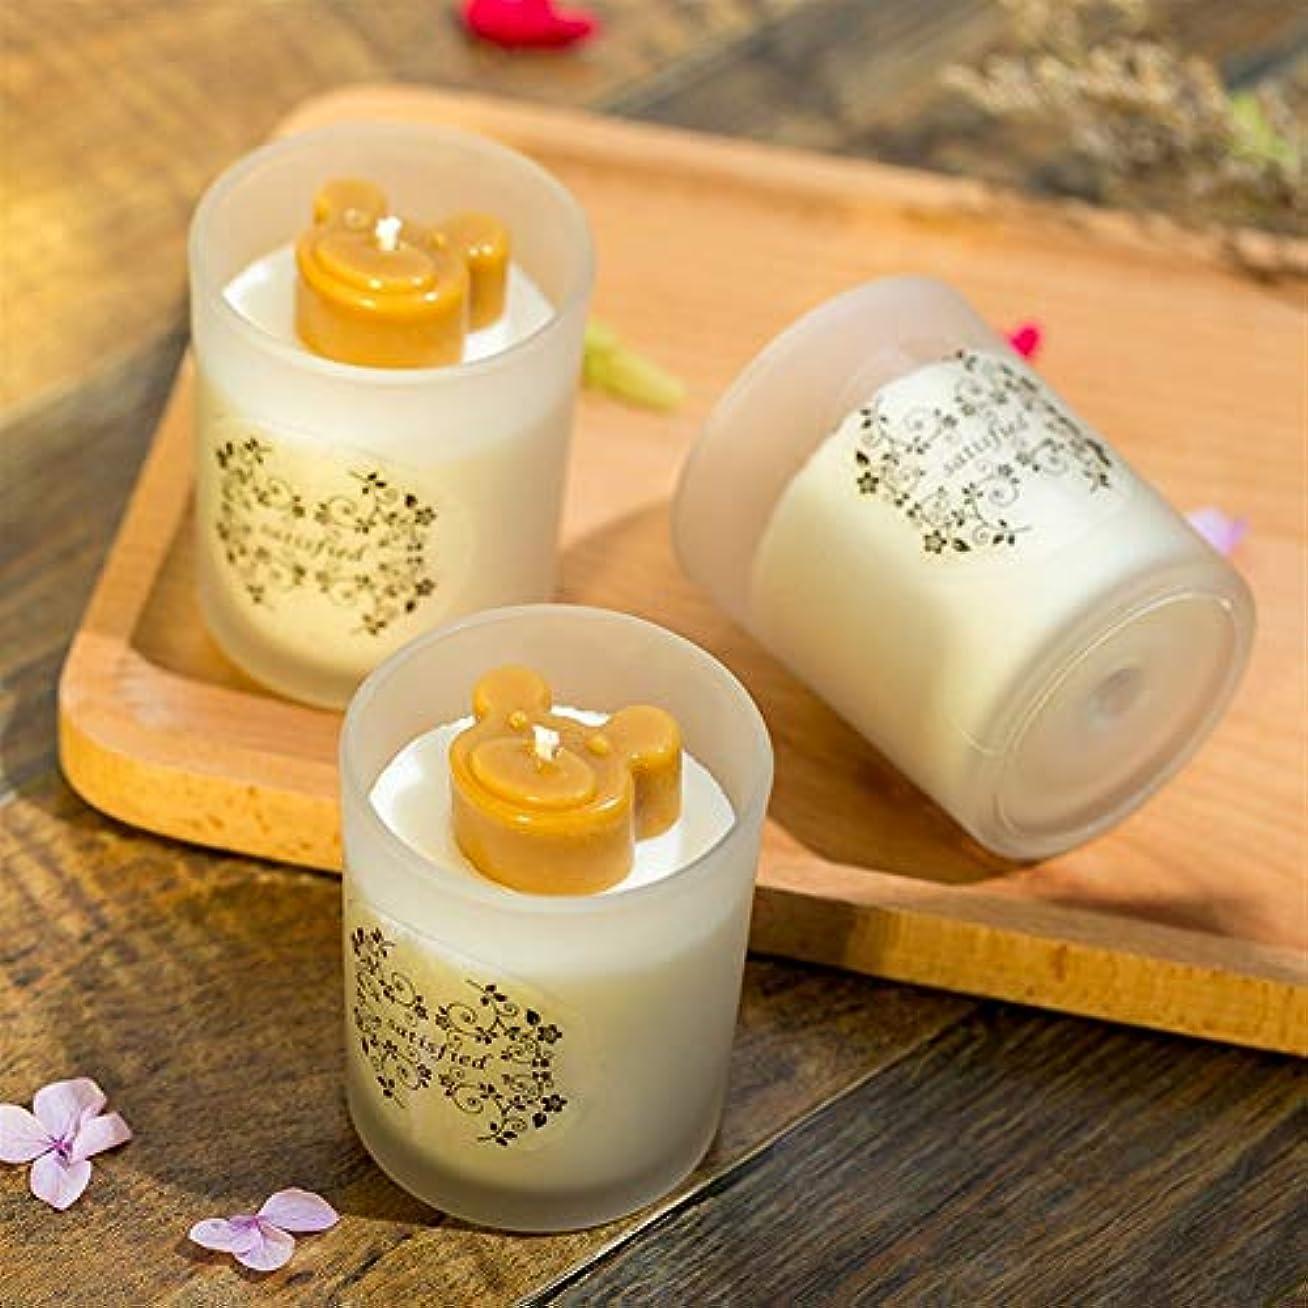 タウポ湖リスキーなボウリングGuomao 曇らされたガラスボトル、小さなクマ、アロマセラピー、健康と長続き、香りキャンドル、オフィスの結婚式の装飾用品 (色 : Lavender)